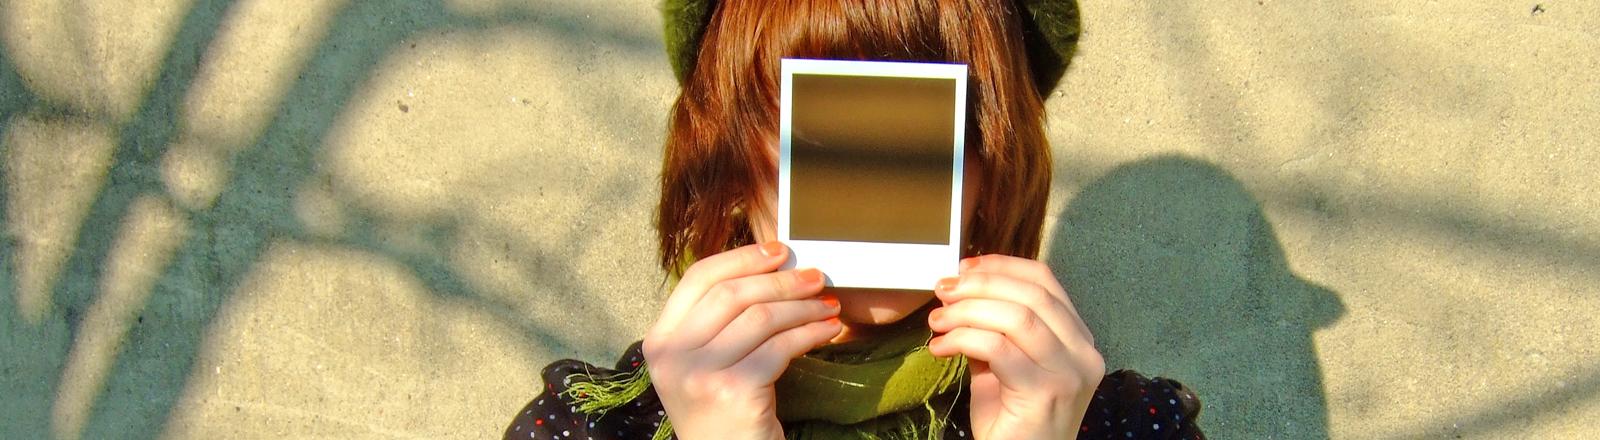 Frau mit Polaroid-Foto vor dem Gesicht